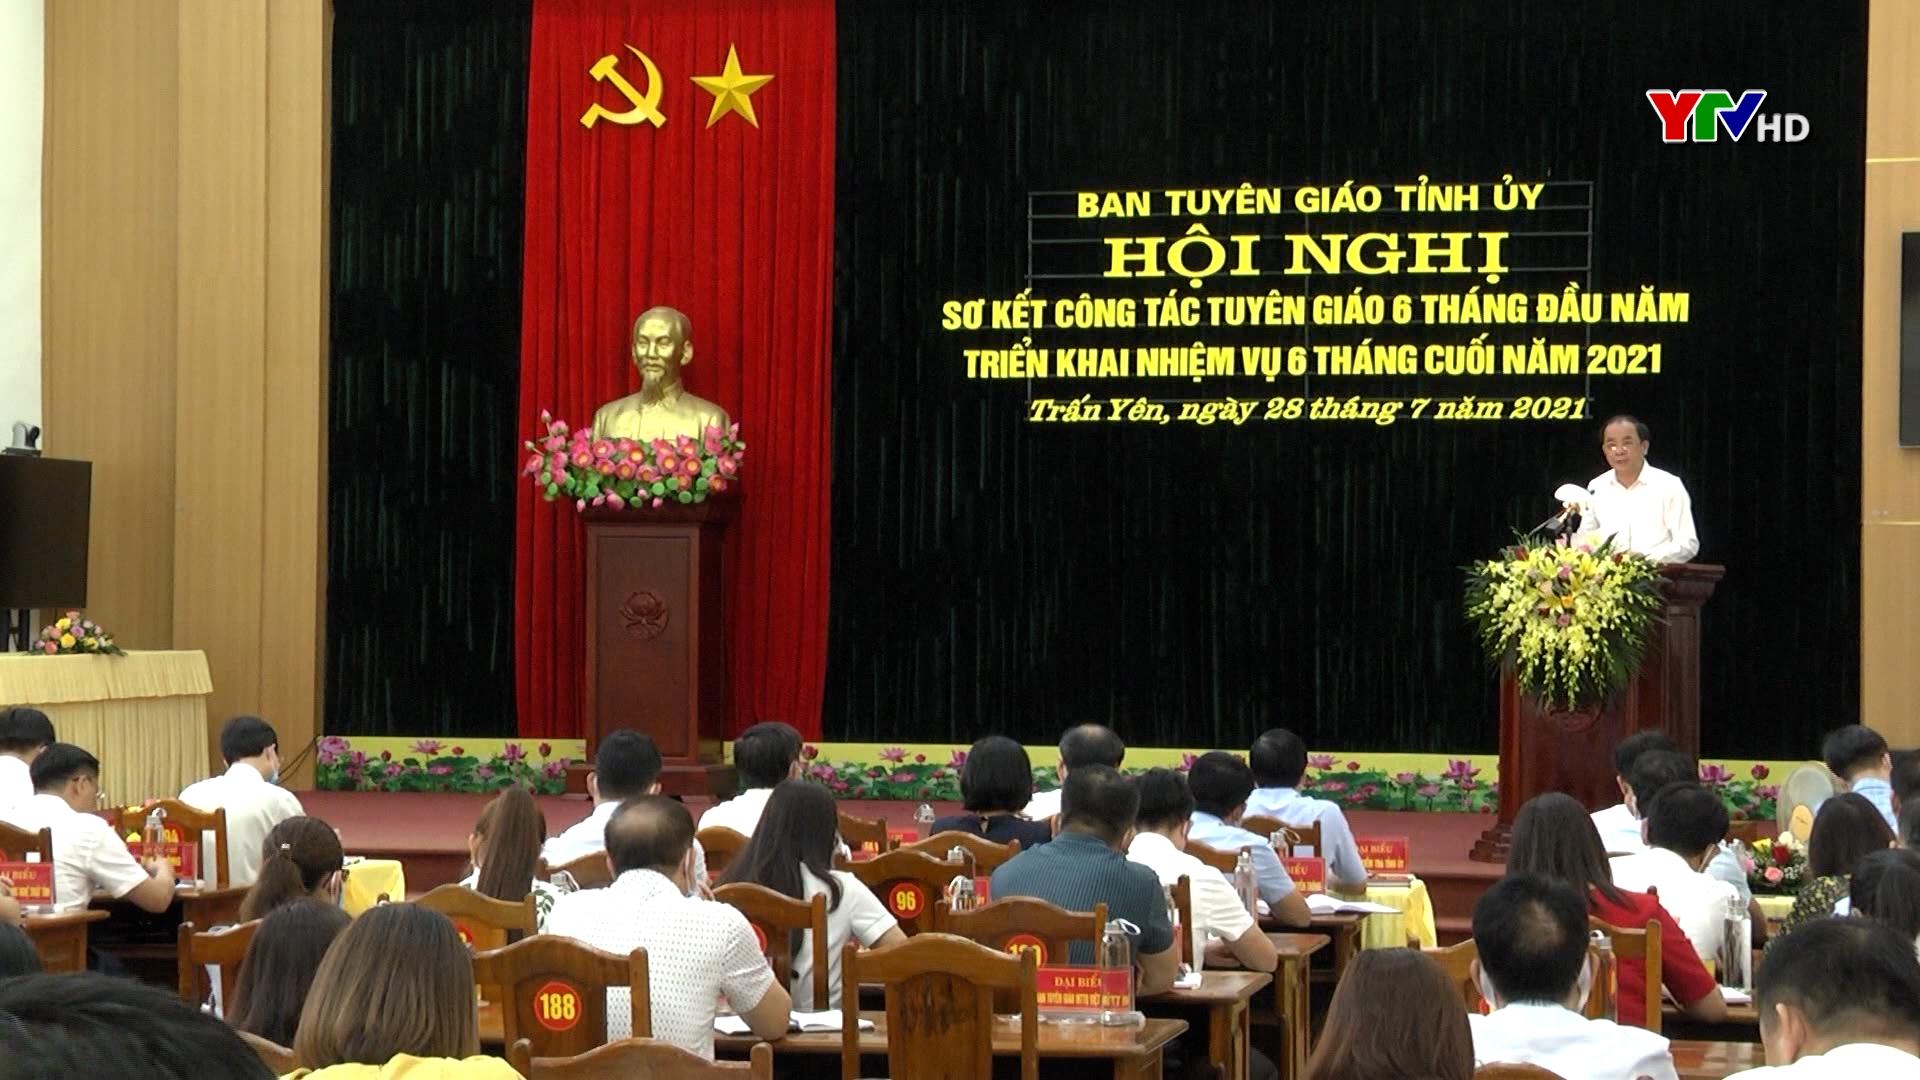 Hội nghị triển khai nhiệm vụ công tác tuyên giáo những tháng cuối năm 2021